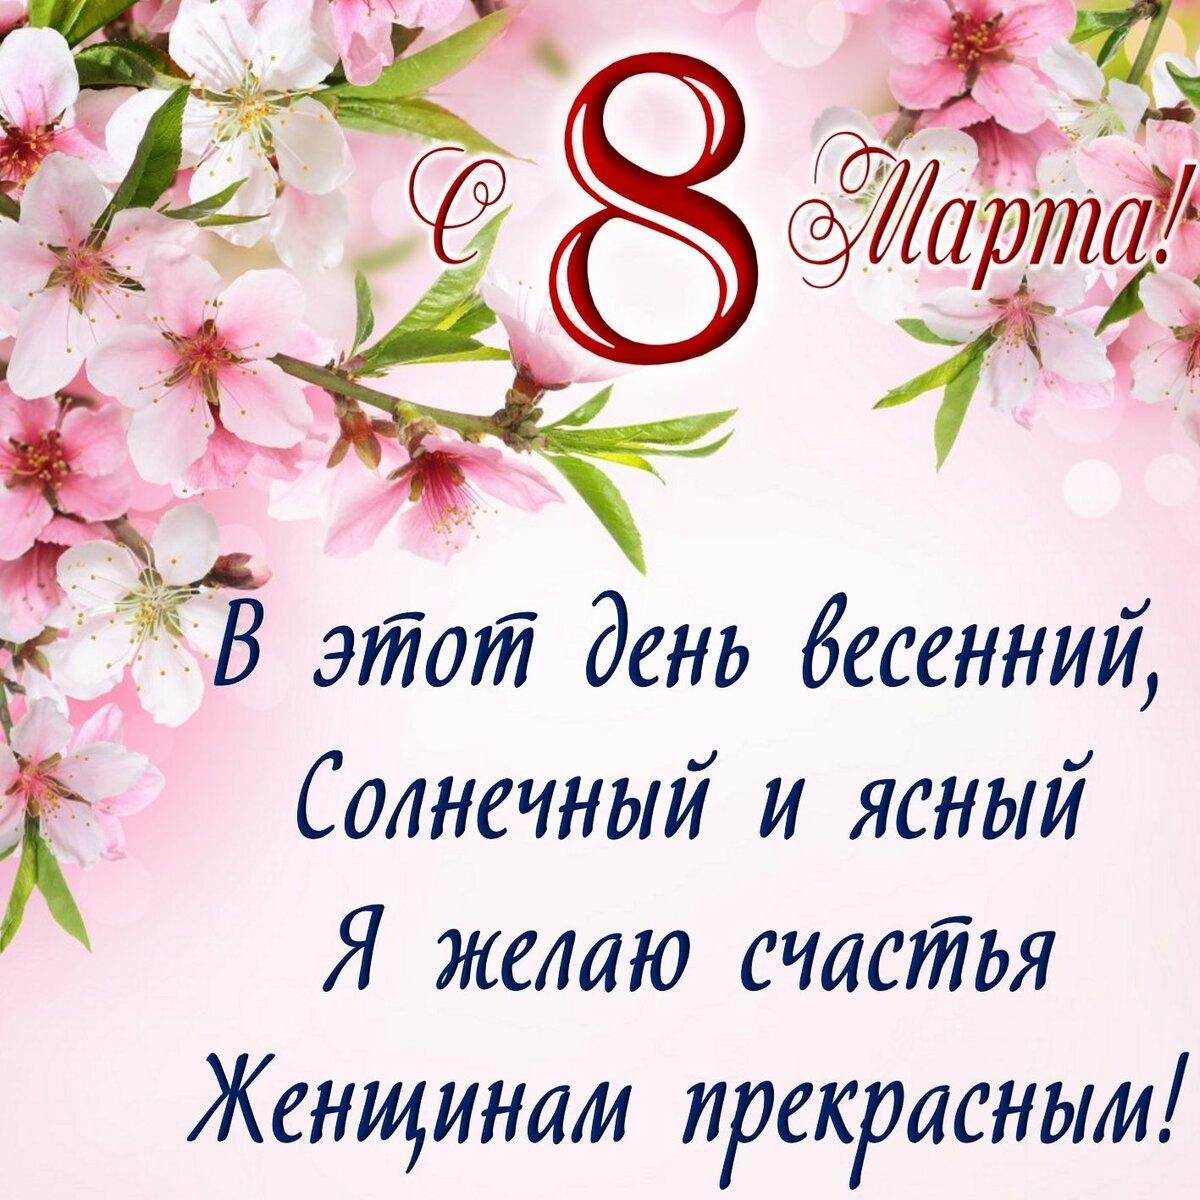 Поздравление с 8 марта жену и маму